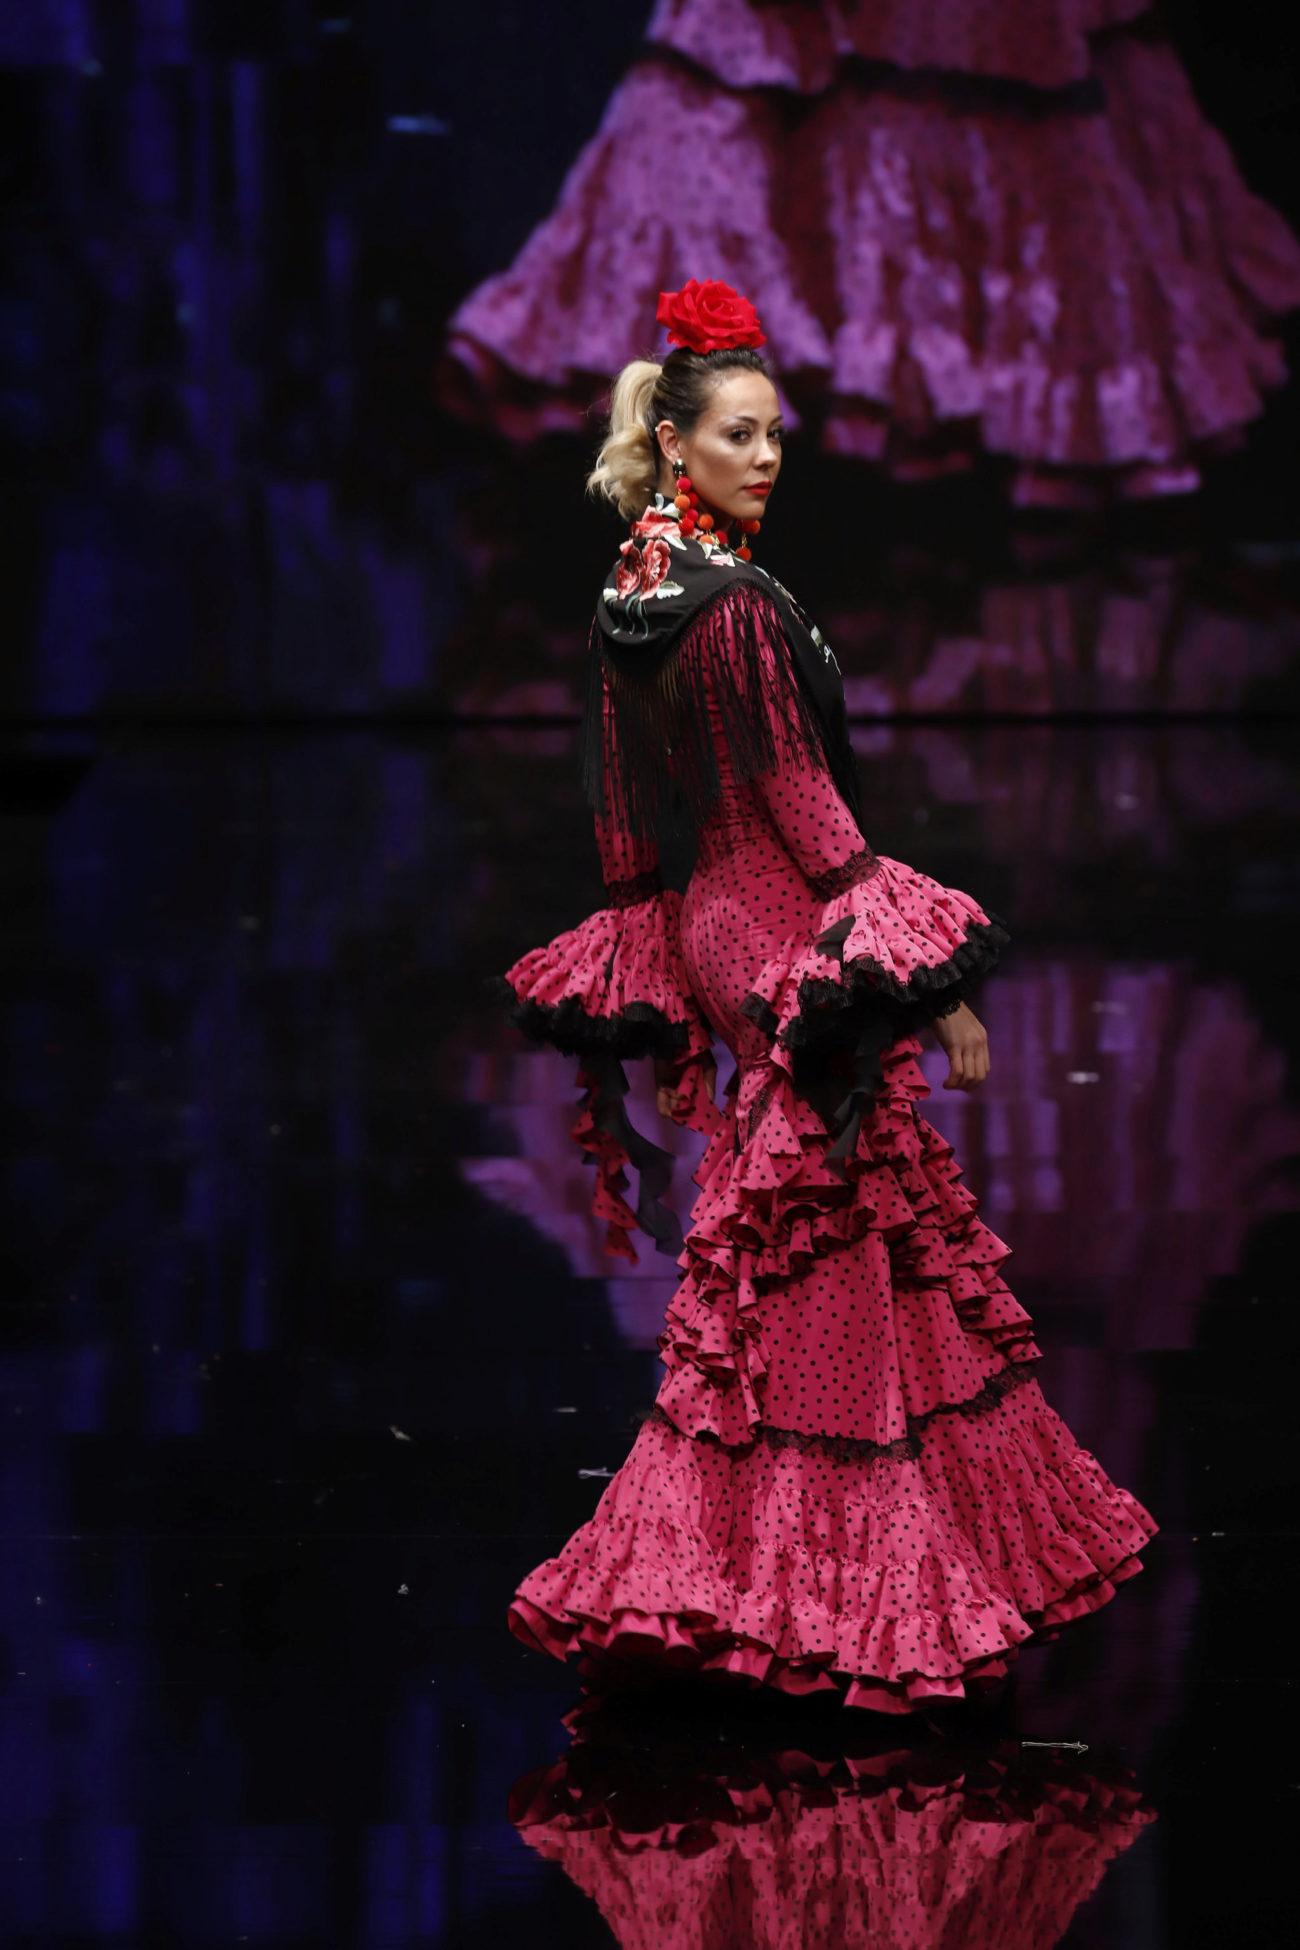 La moda flamenca mueve alrededor de 120 millones de euros al año,...